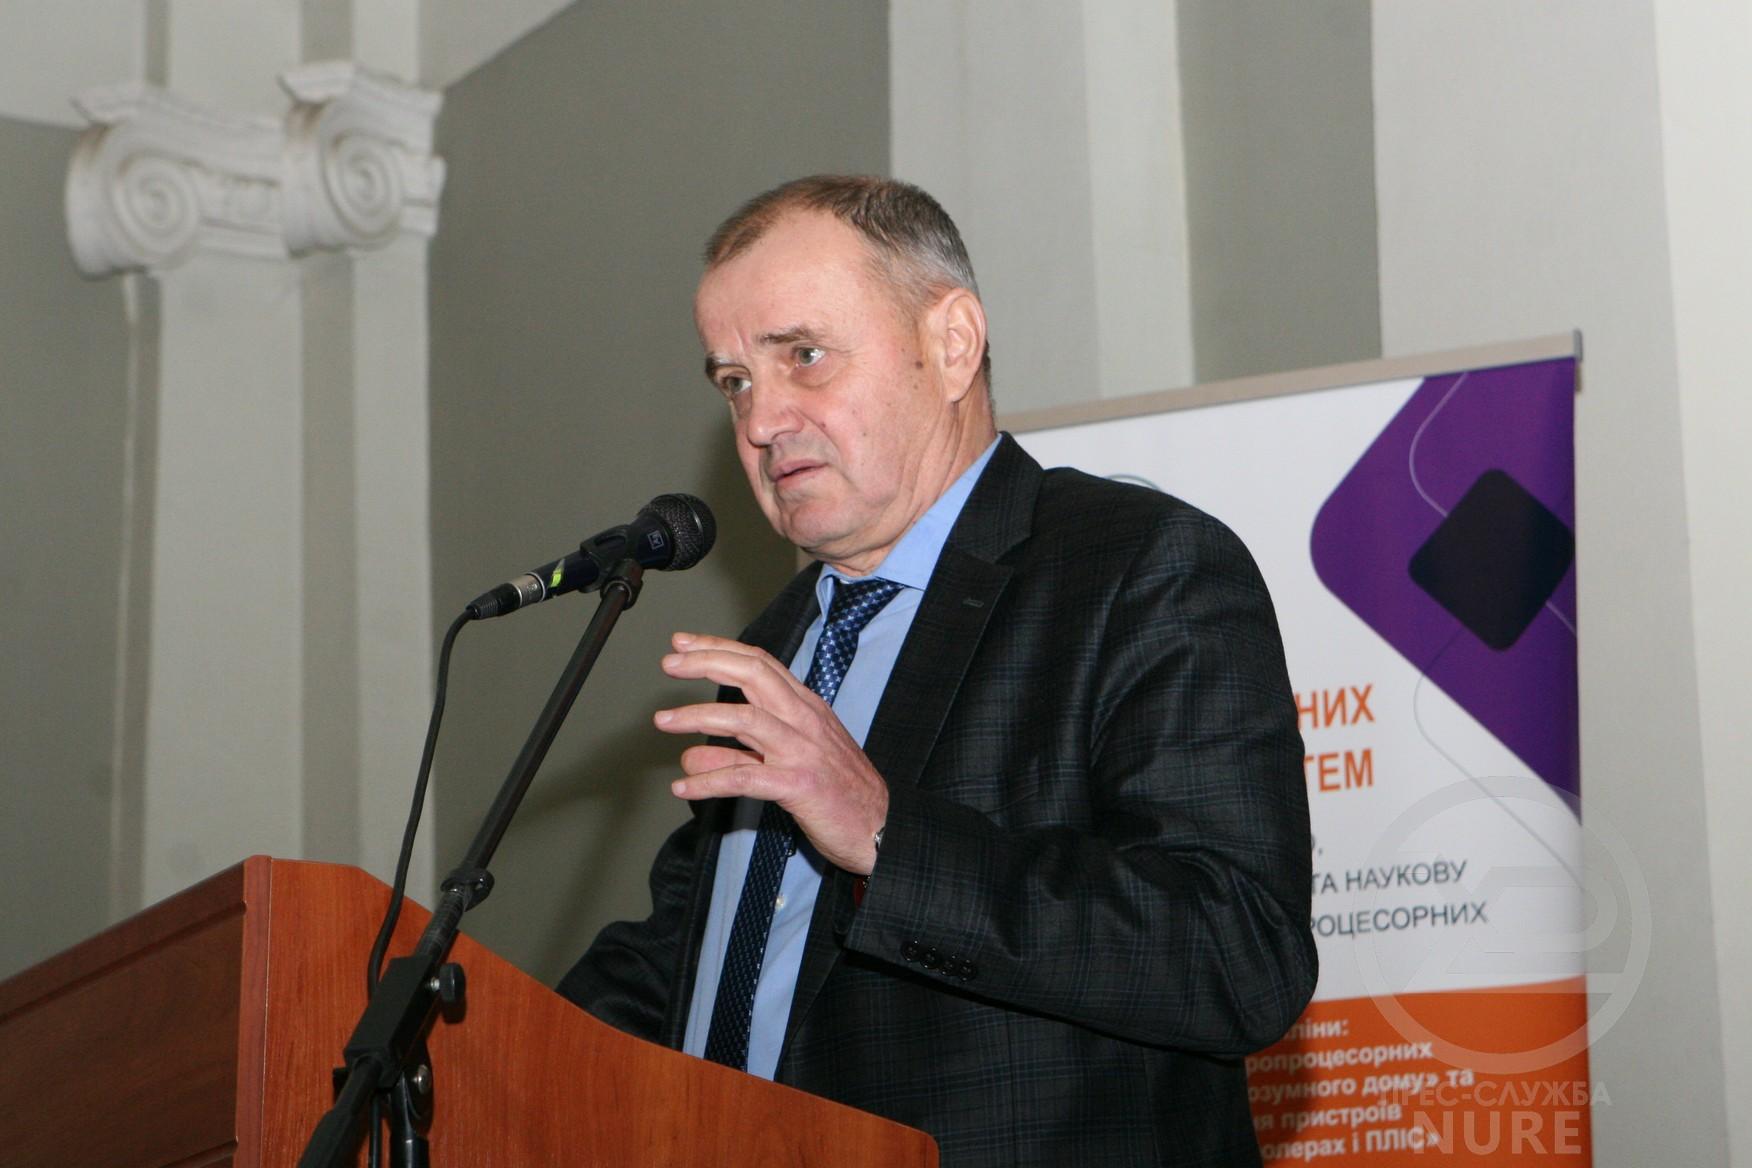 Состоялась встреча ректора и ведущих компаний Харькова со студентами ХНУРЭ